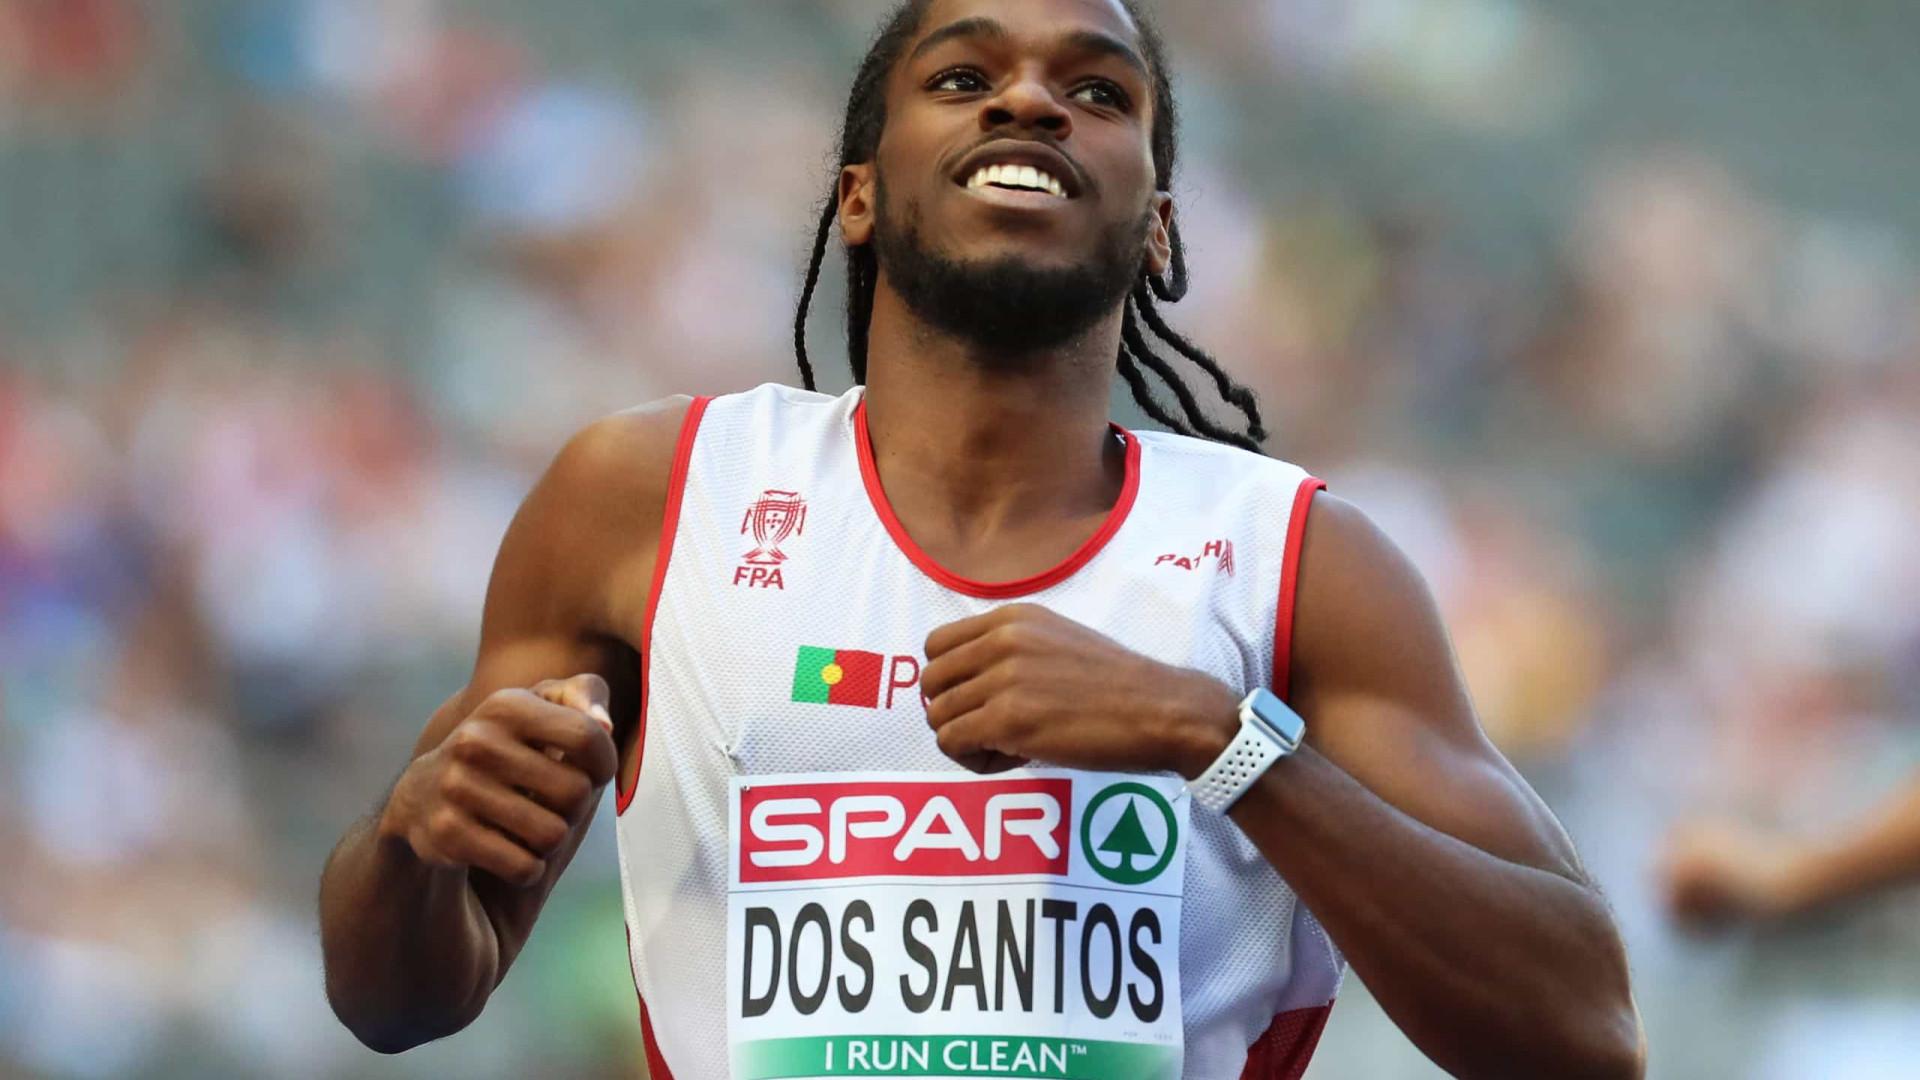 Ricardo dos Santos 7.º na final dos 400 metros dos Europeus de Atletismo